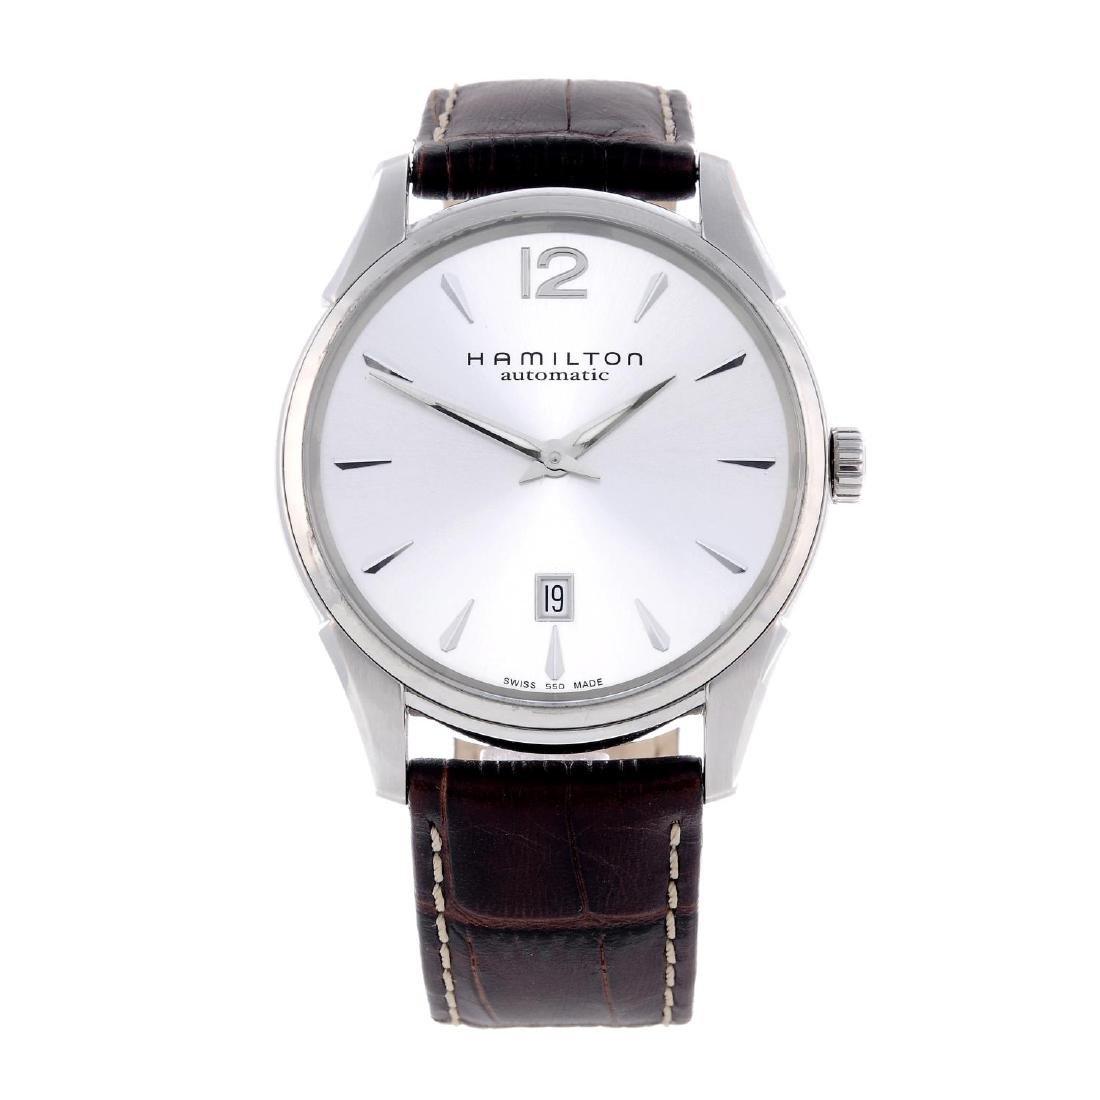 HAMILTON - a gentleman's Jazzmaster Slim wrist watch.